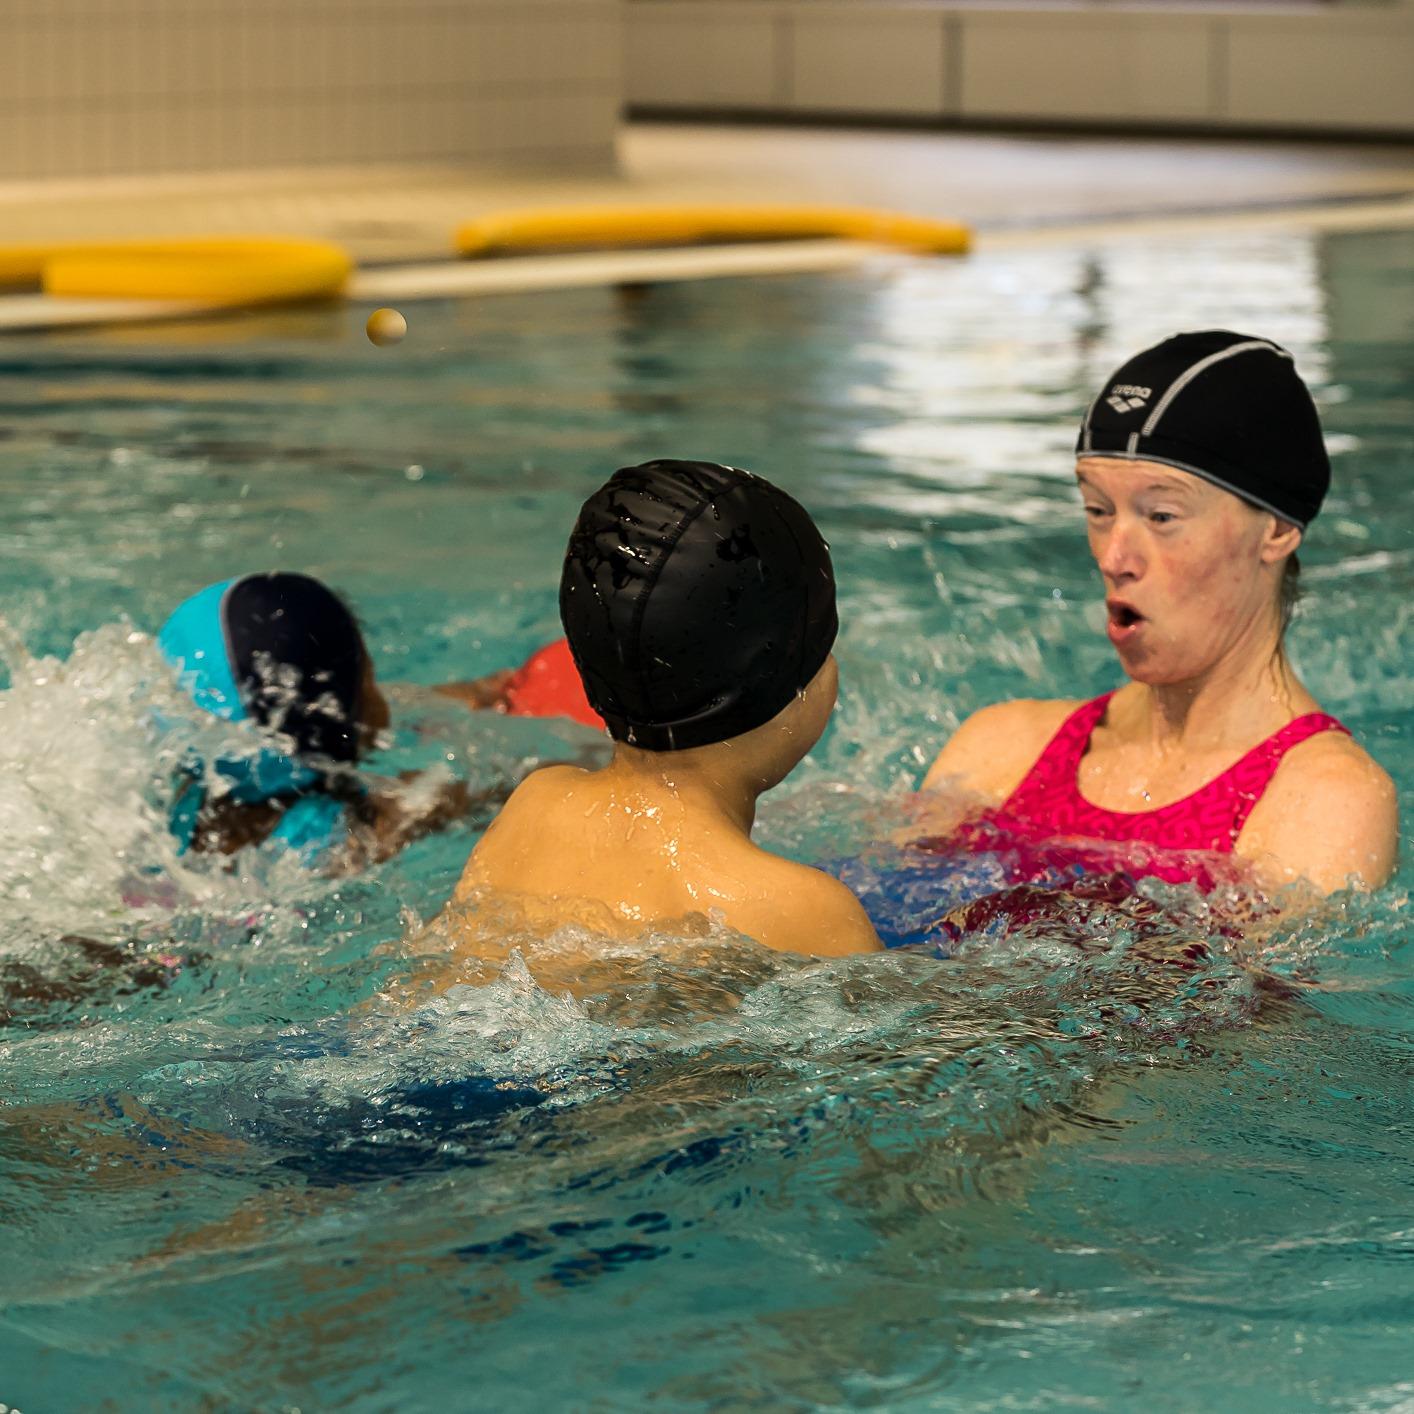 Svømmekurs for barn - lek med instruktør